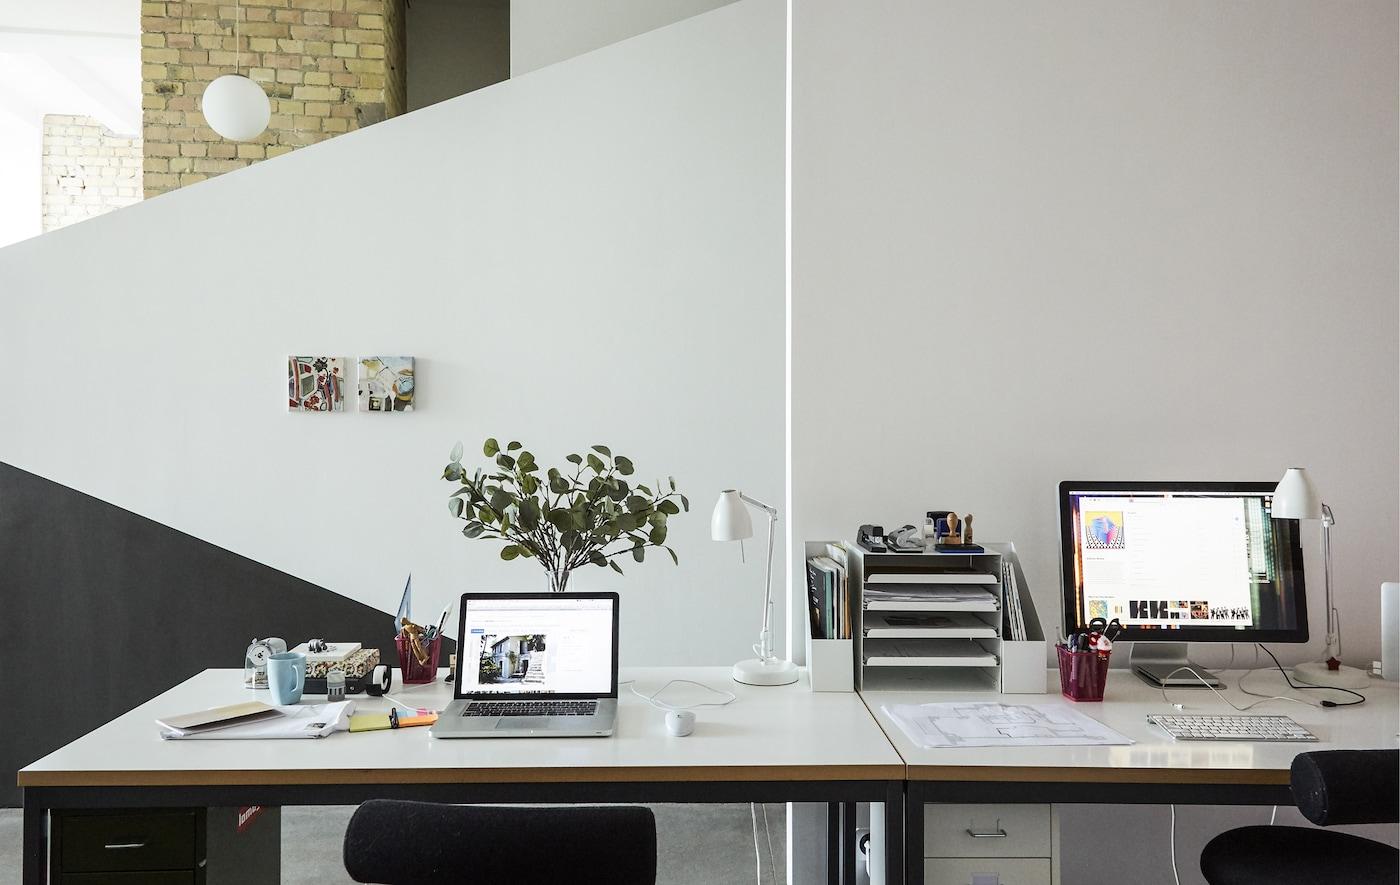 Two desks side by side.